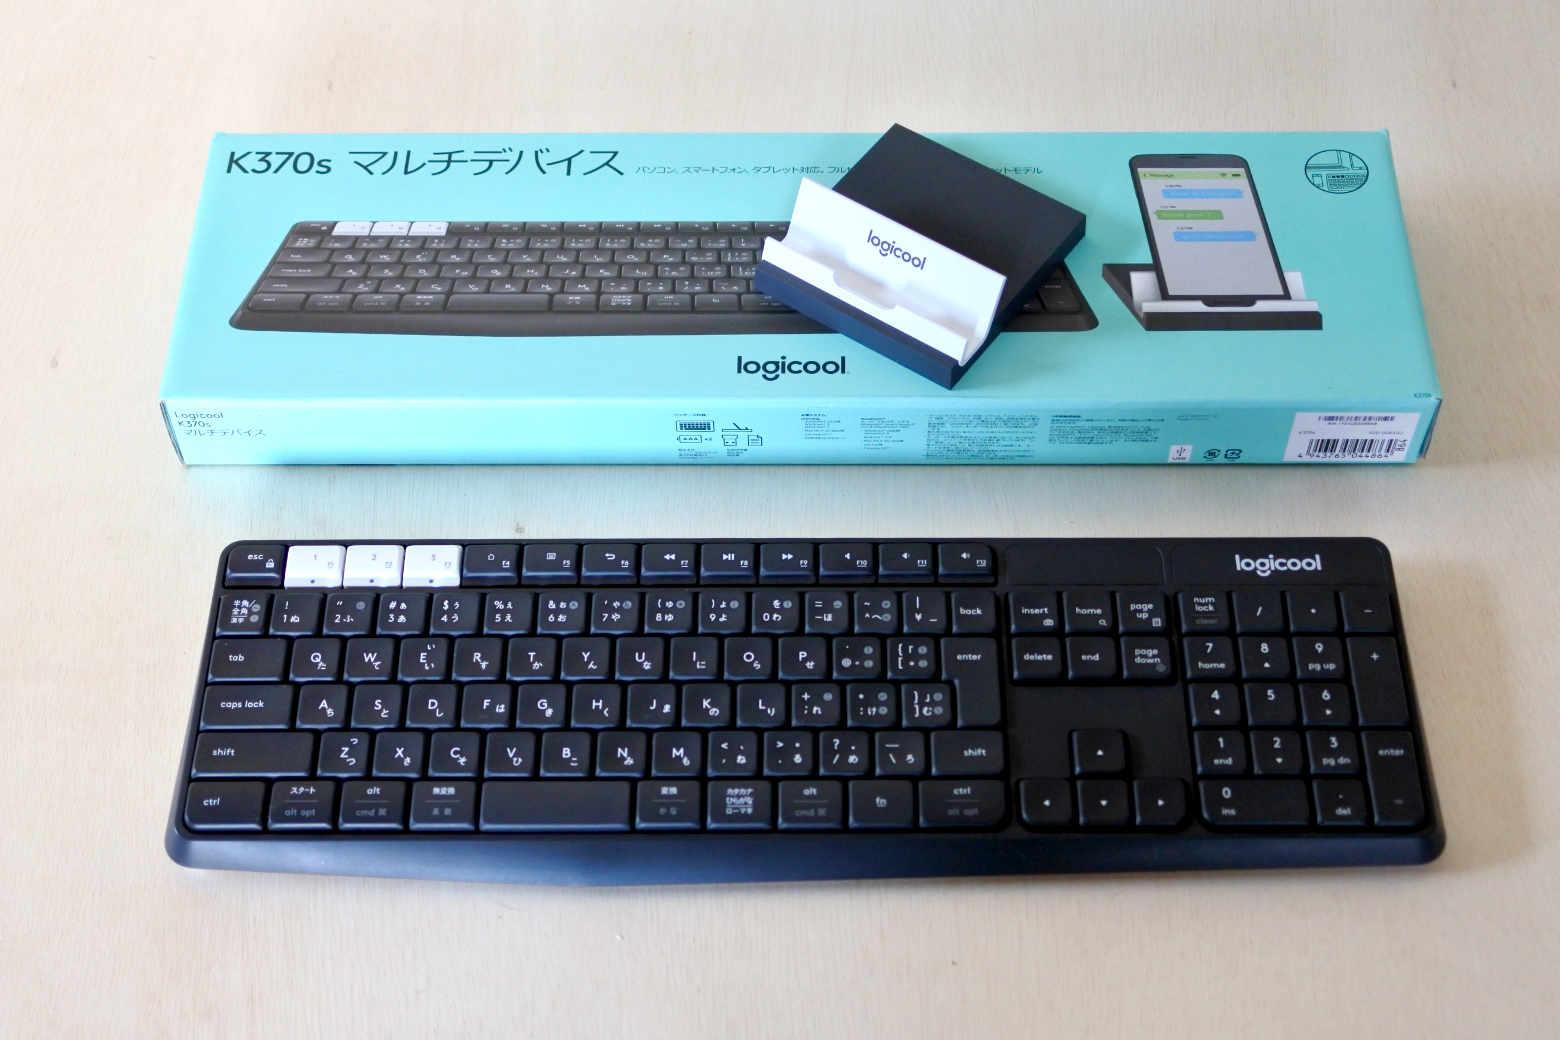 logicool『K370s』ワイアレスキーボード:1台でWindows・Mac・iPadProをつないで使っています【インプレ】